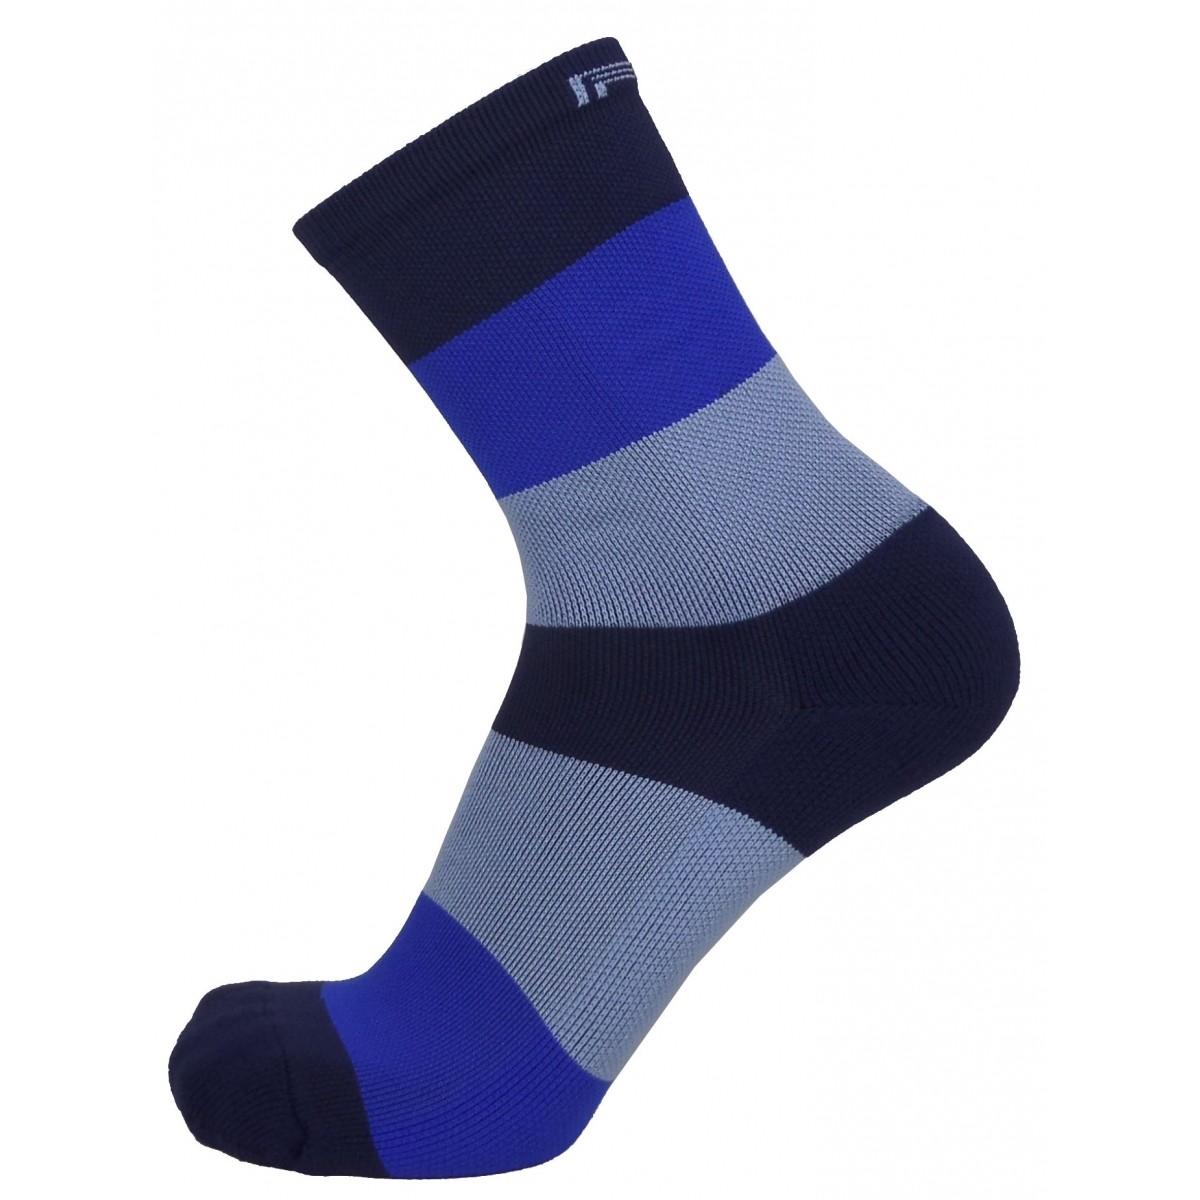 Par de meia Compressão Cano Médio  - Barrado degradê azul